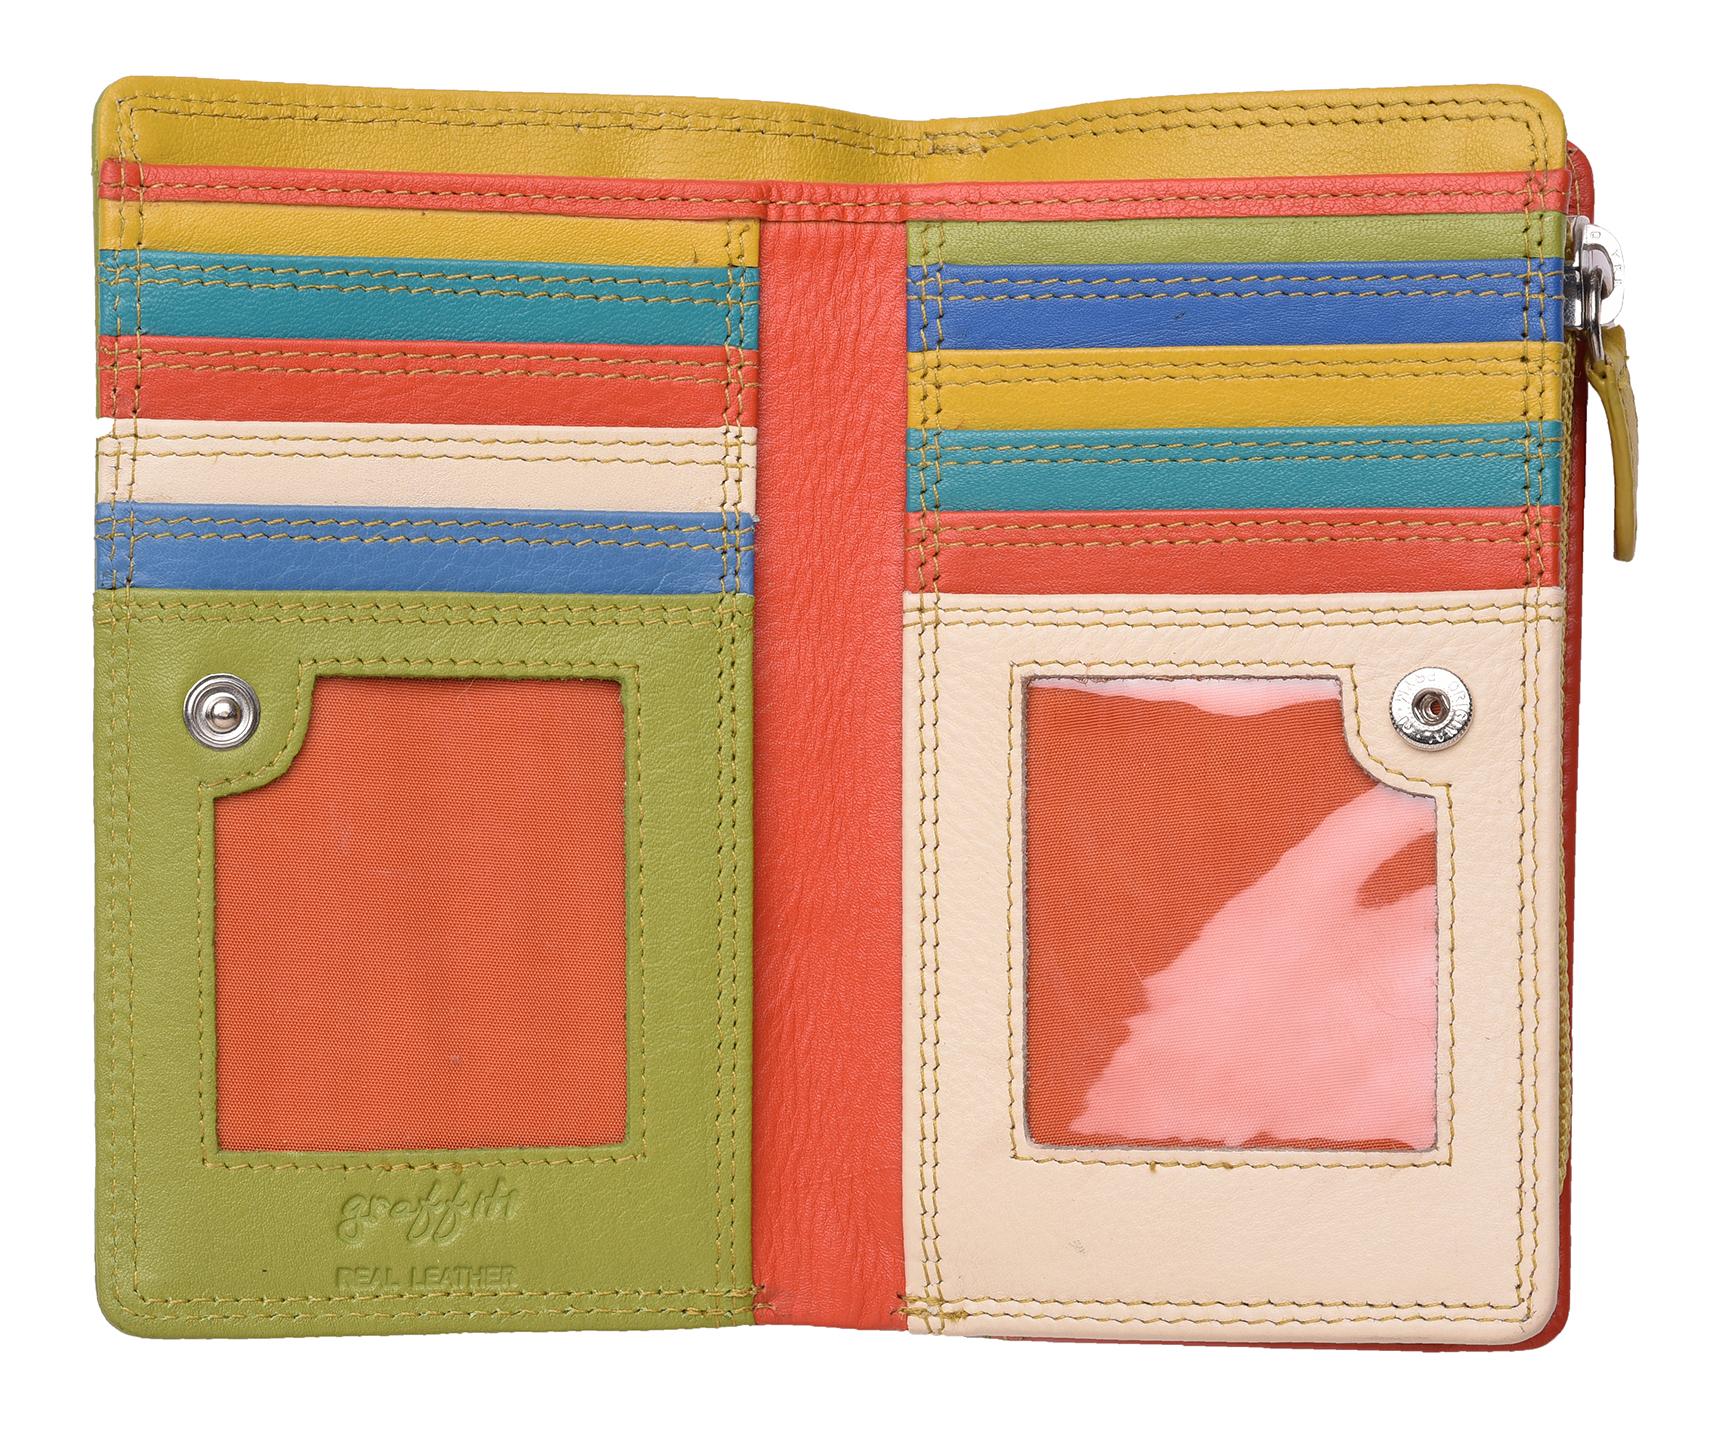 Femme-Veritable-Multi-Couleur-RFID-Blocage-De-Haute-Qualite-Sac-a-Main-Portefeuille miniature 18